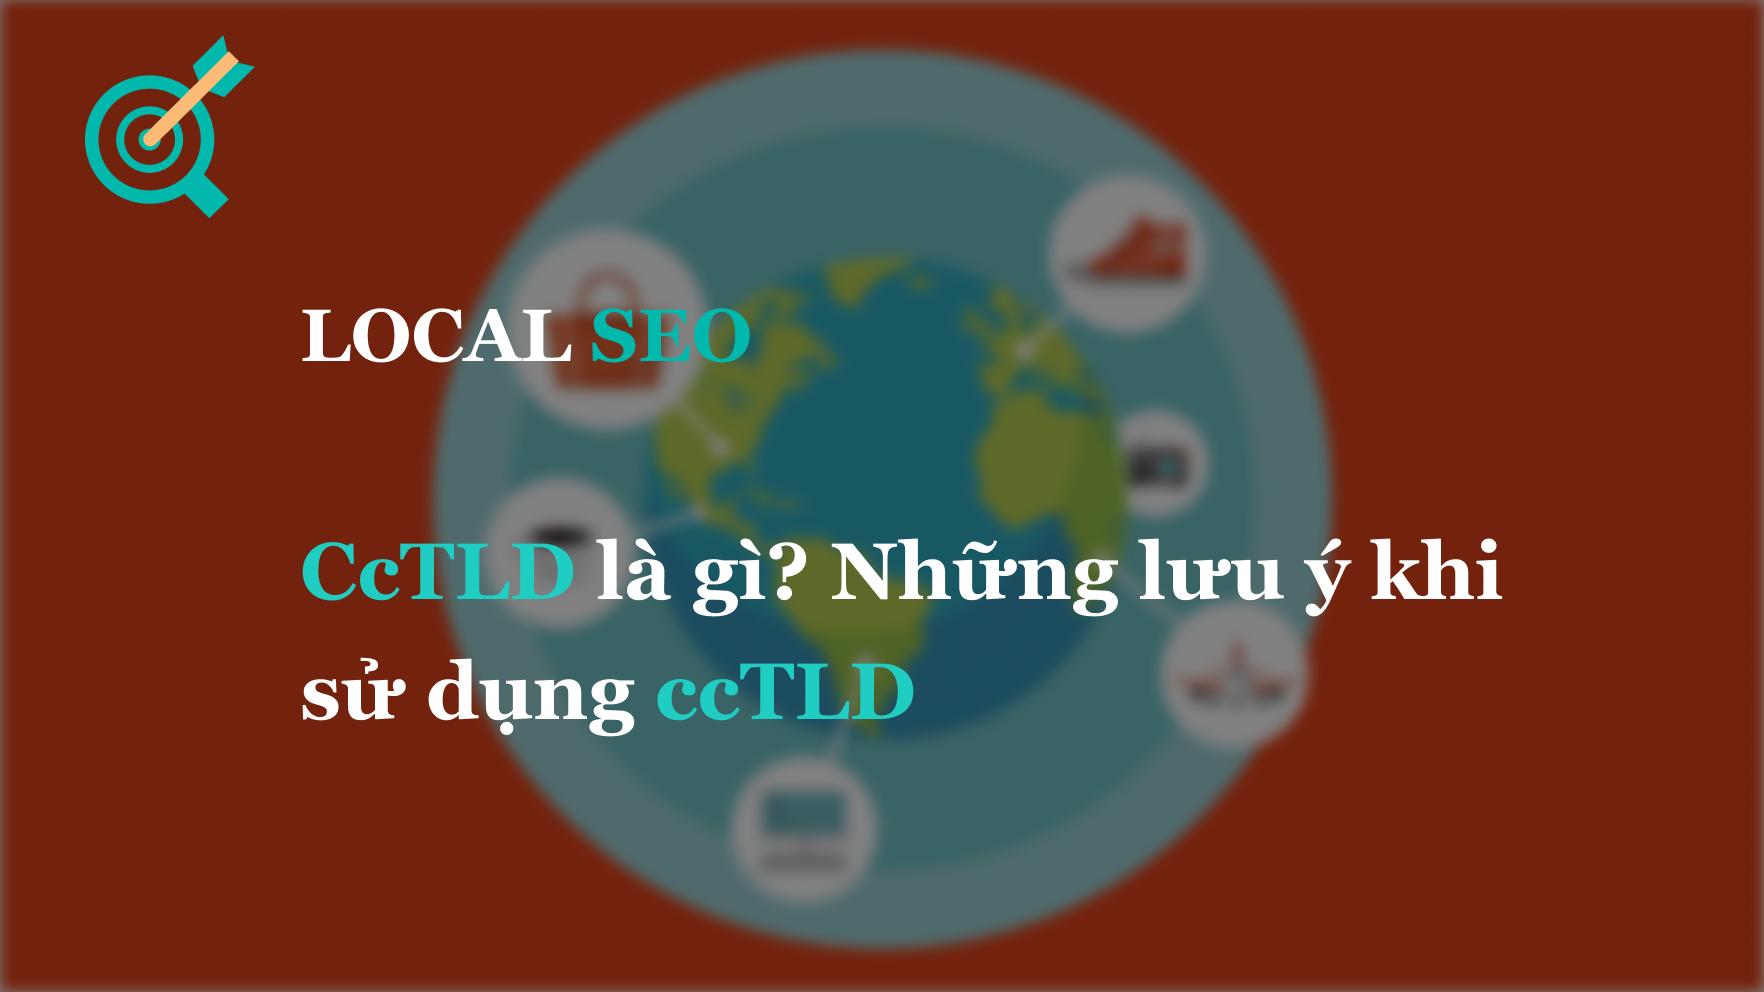 CcTLD là gì? Những lưu ý khi sử dụng ccTLD